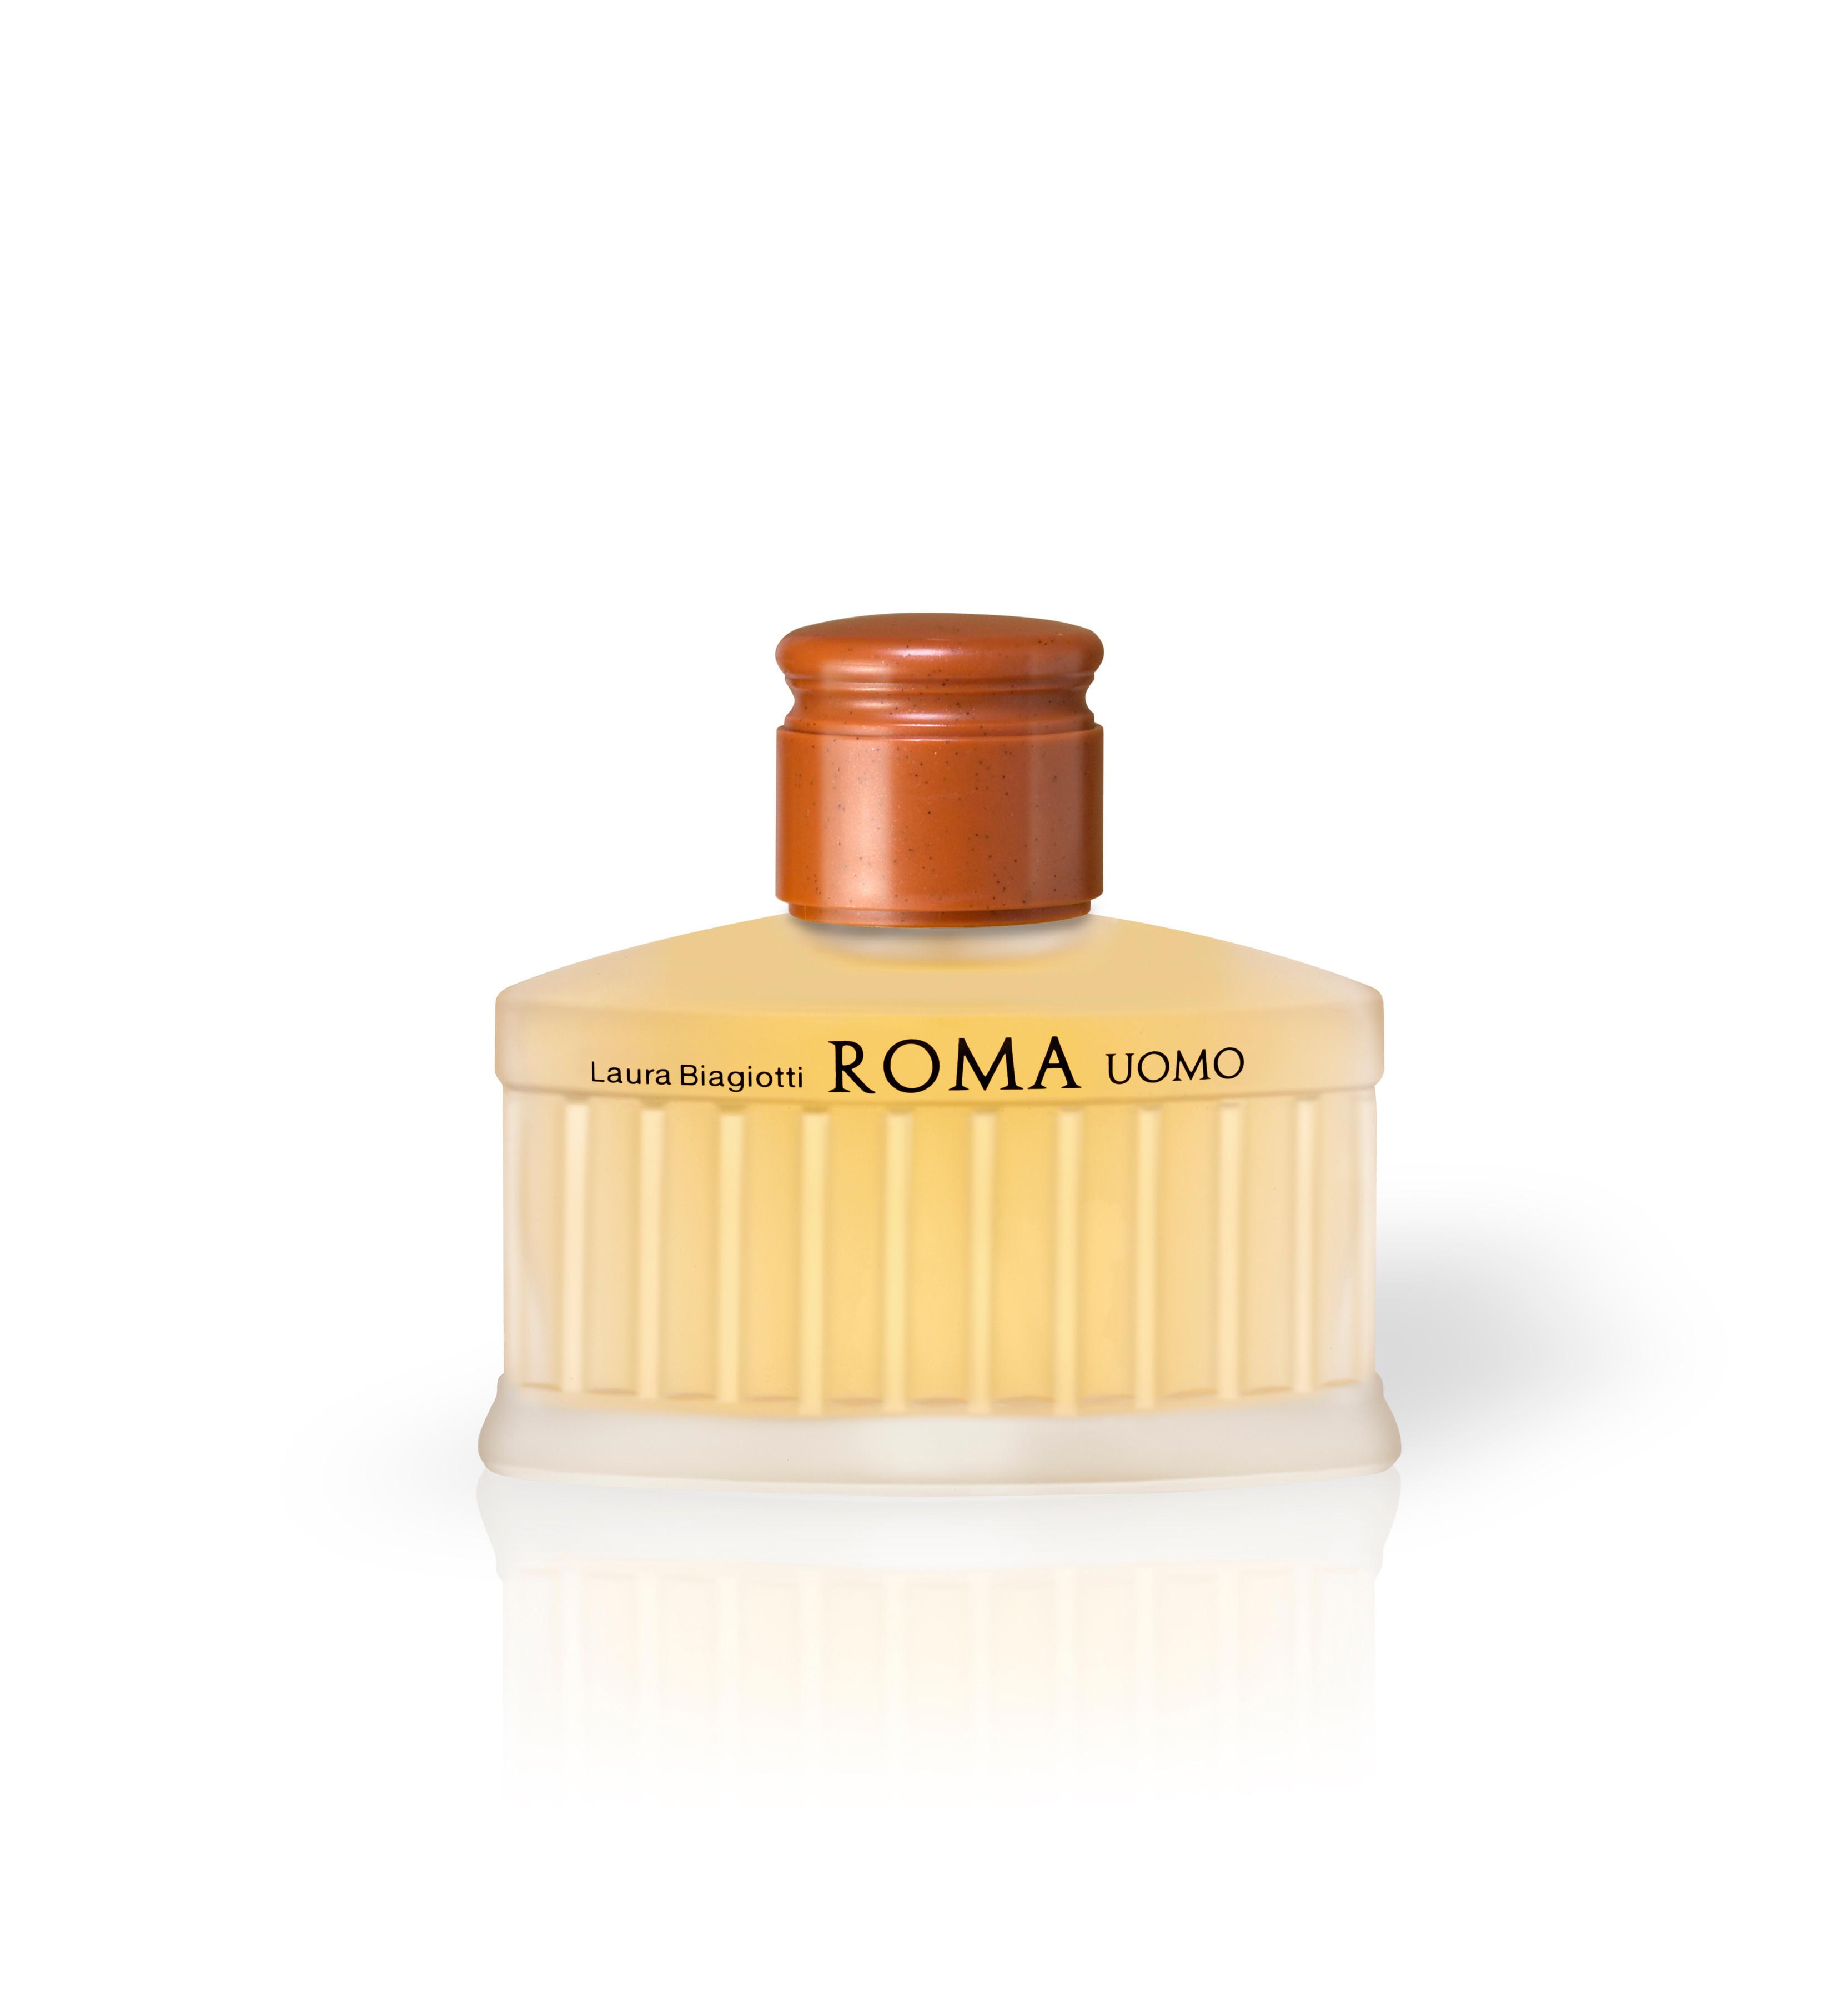 Roma Pour Homme Eau De Toilette 75 Ml, Verde, large image number 0